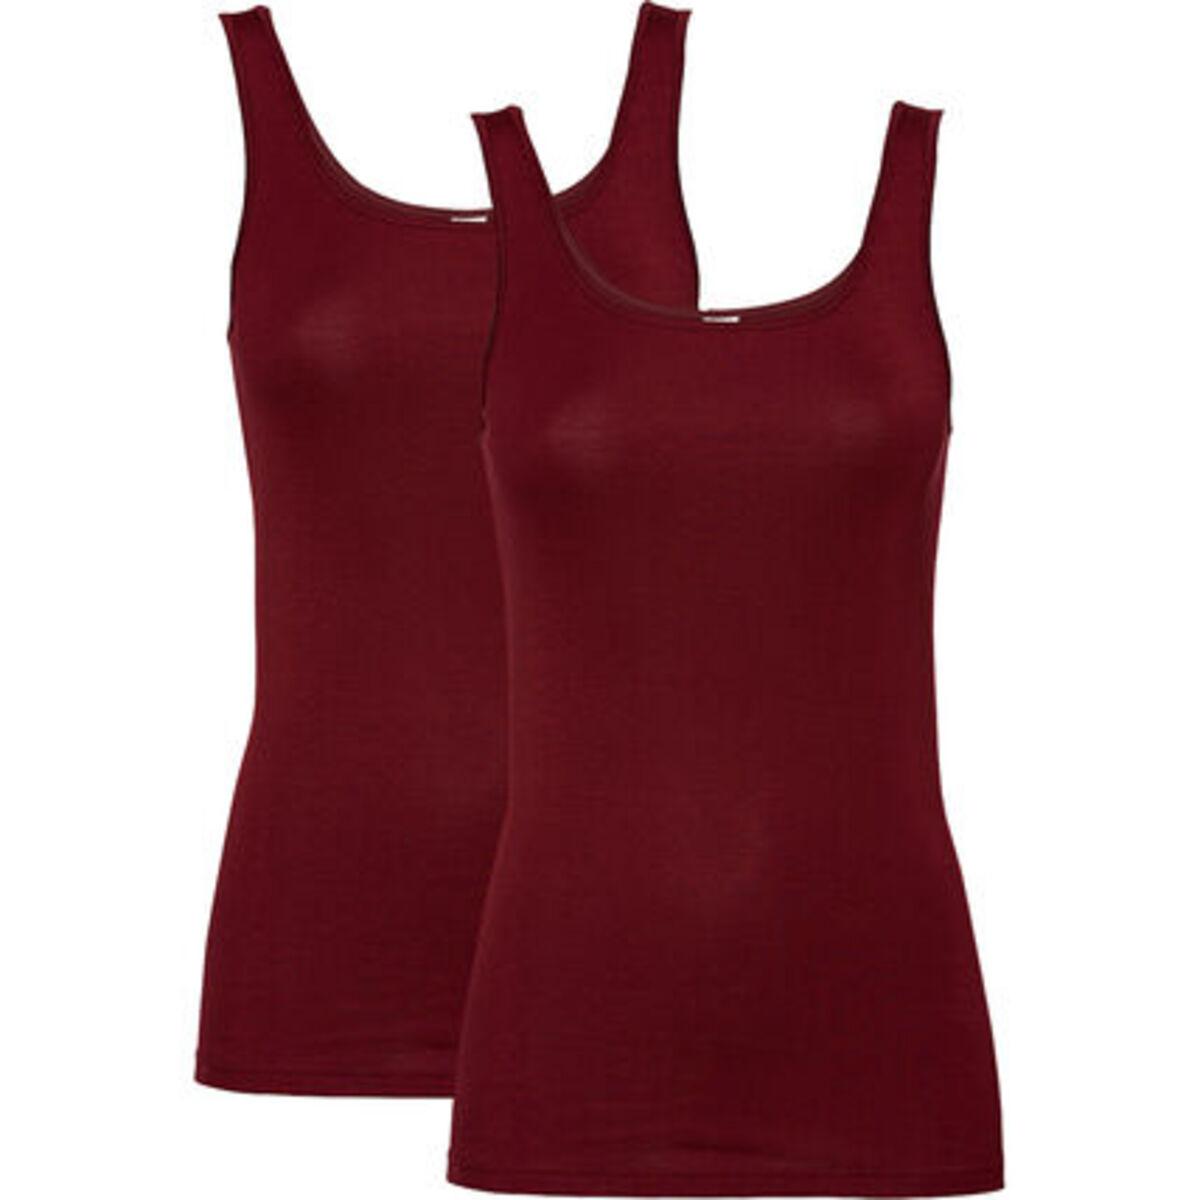 Bild 1 von Speidel Achselhemd, 2er-Pack, unifarben, für Damen